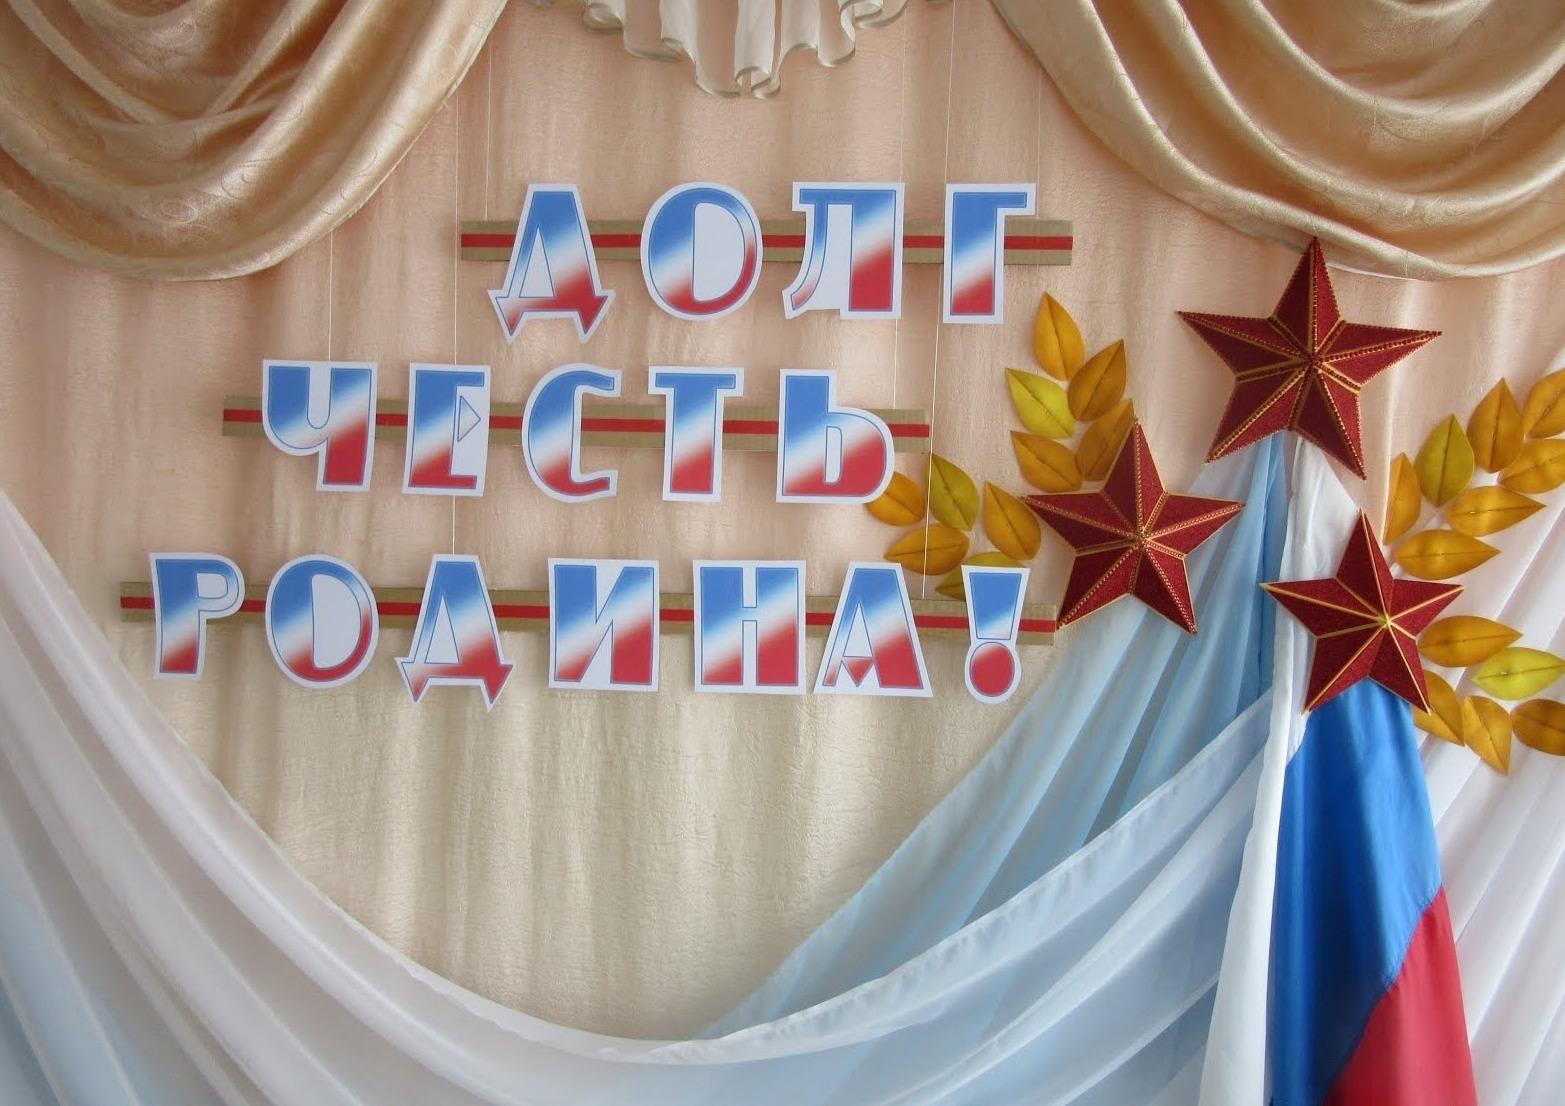 Для оформления сцены можно использовать плакаты, шары, звезды и ленты